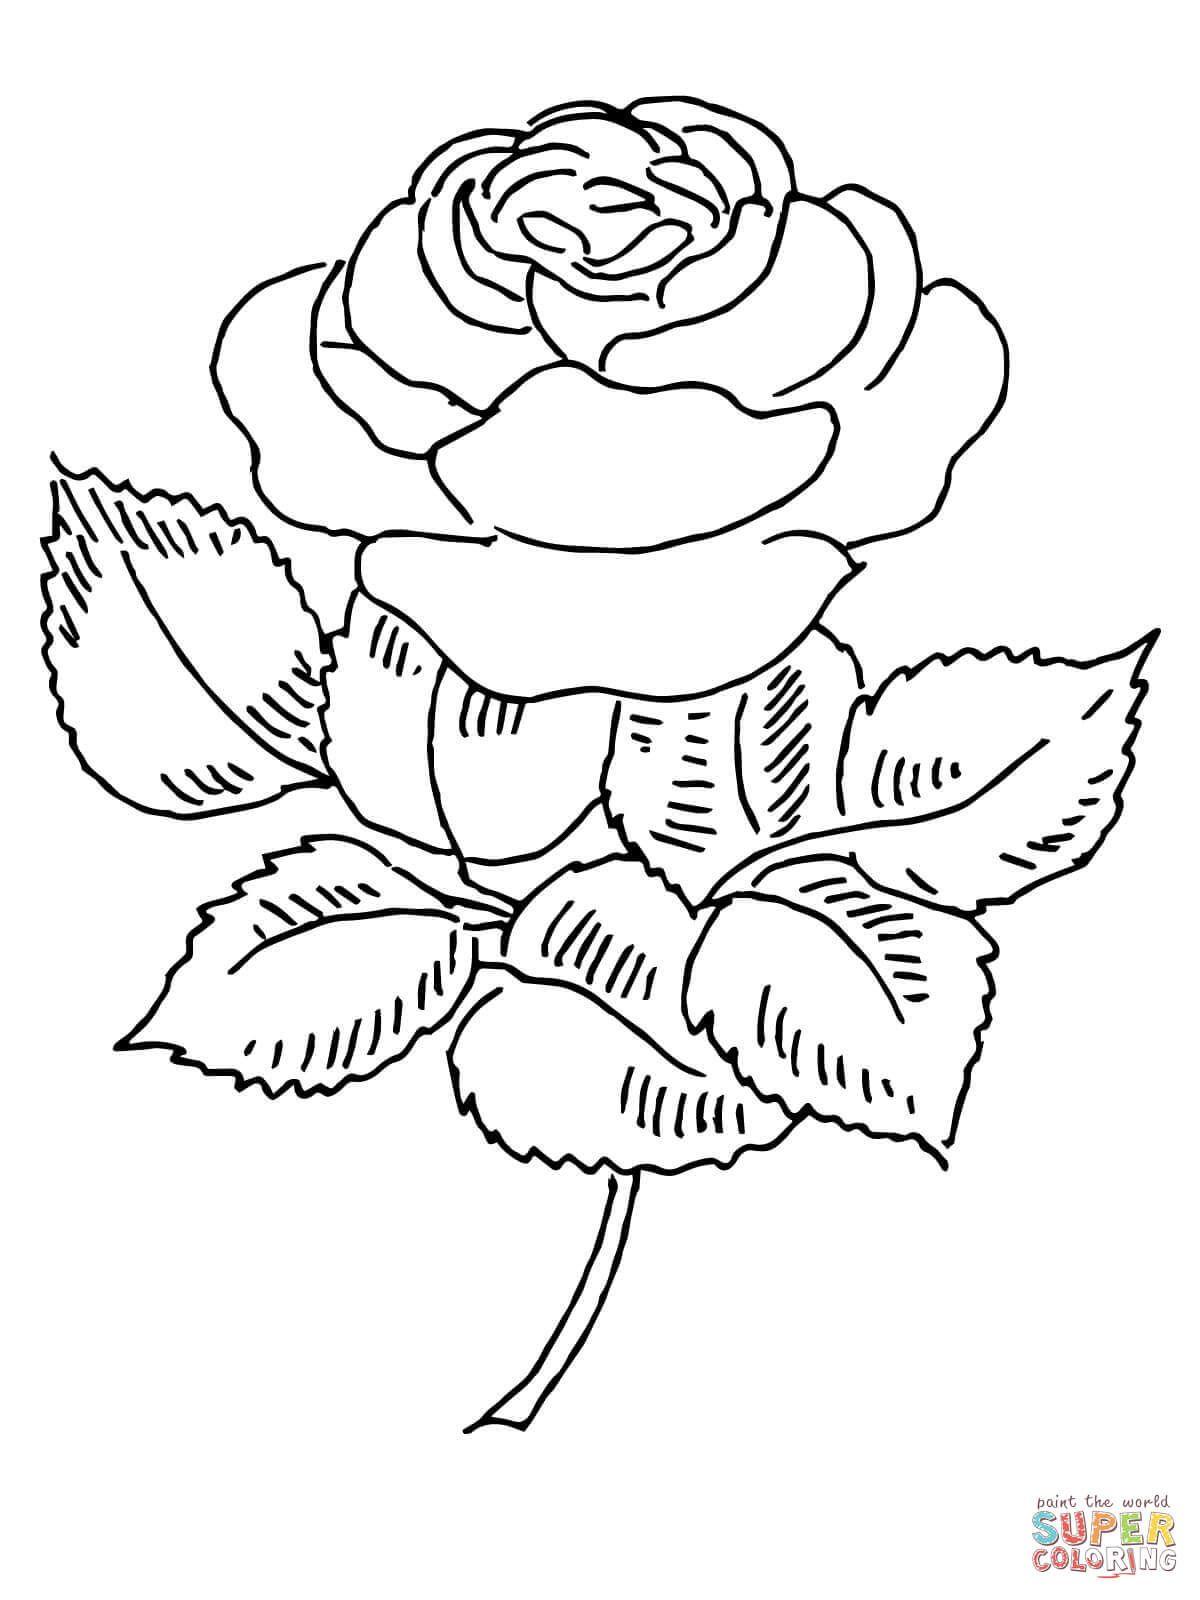 Großartig Frei Druckbare Rose Malvorlagen Galerie - Malvorlagen Von ...